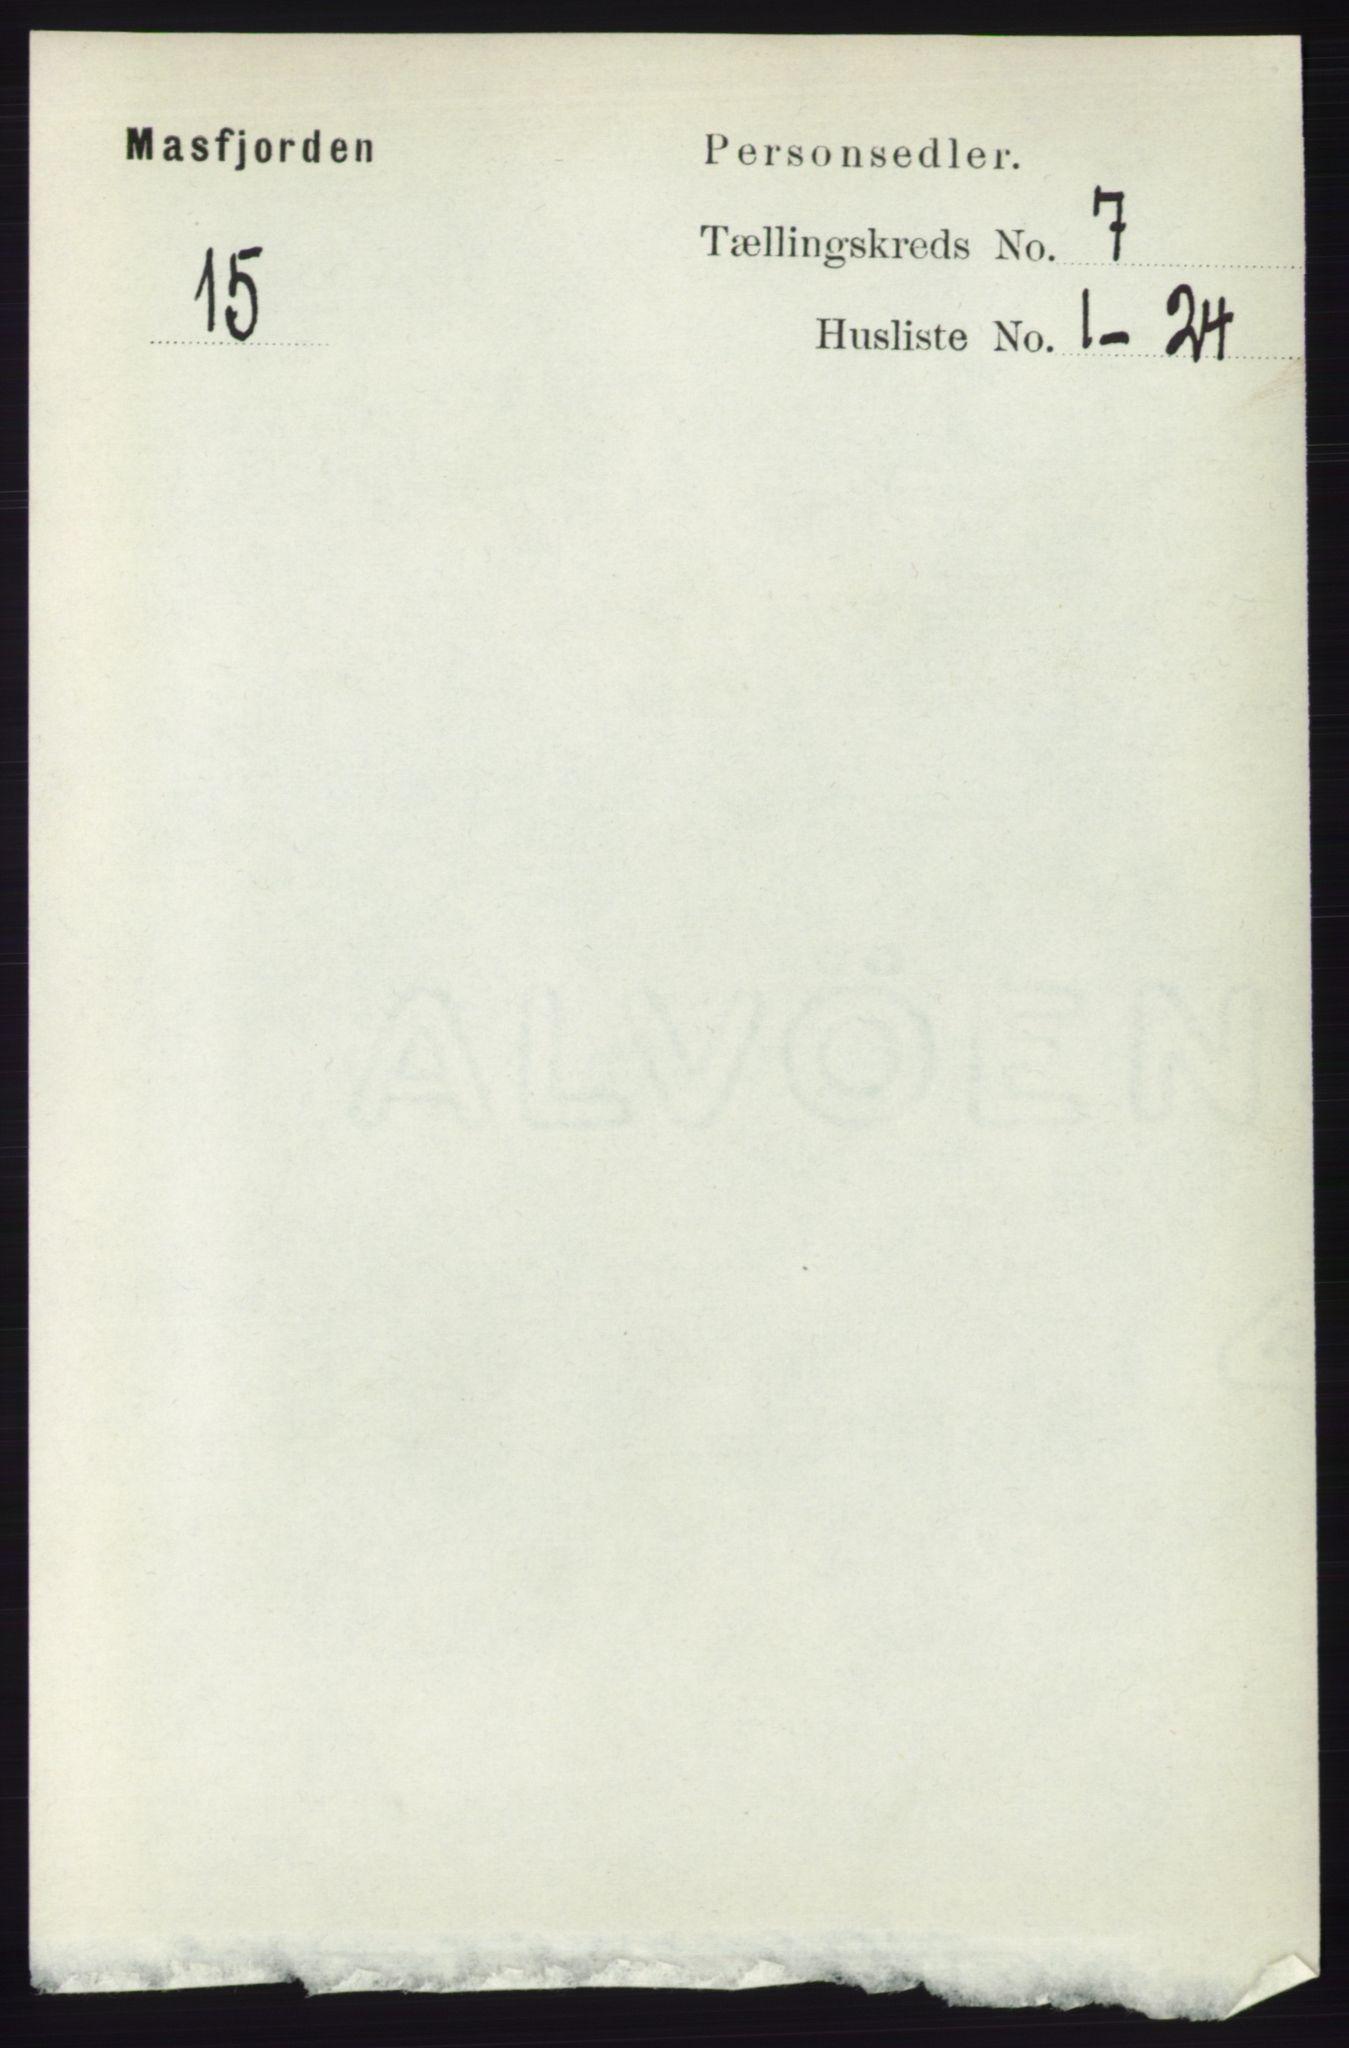 RA, Folketelling 1891 for 1266 Masfjorden herred, 1891, s. 1180